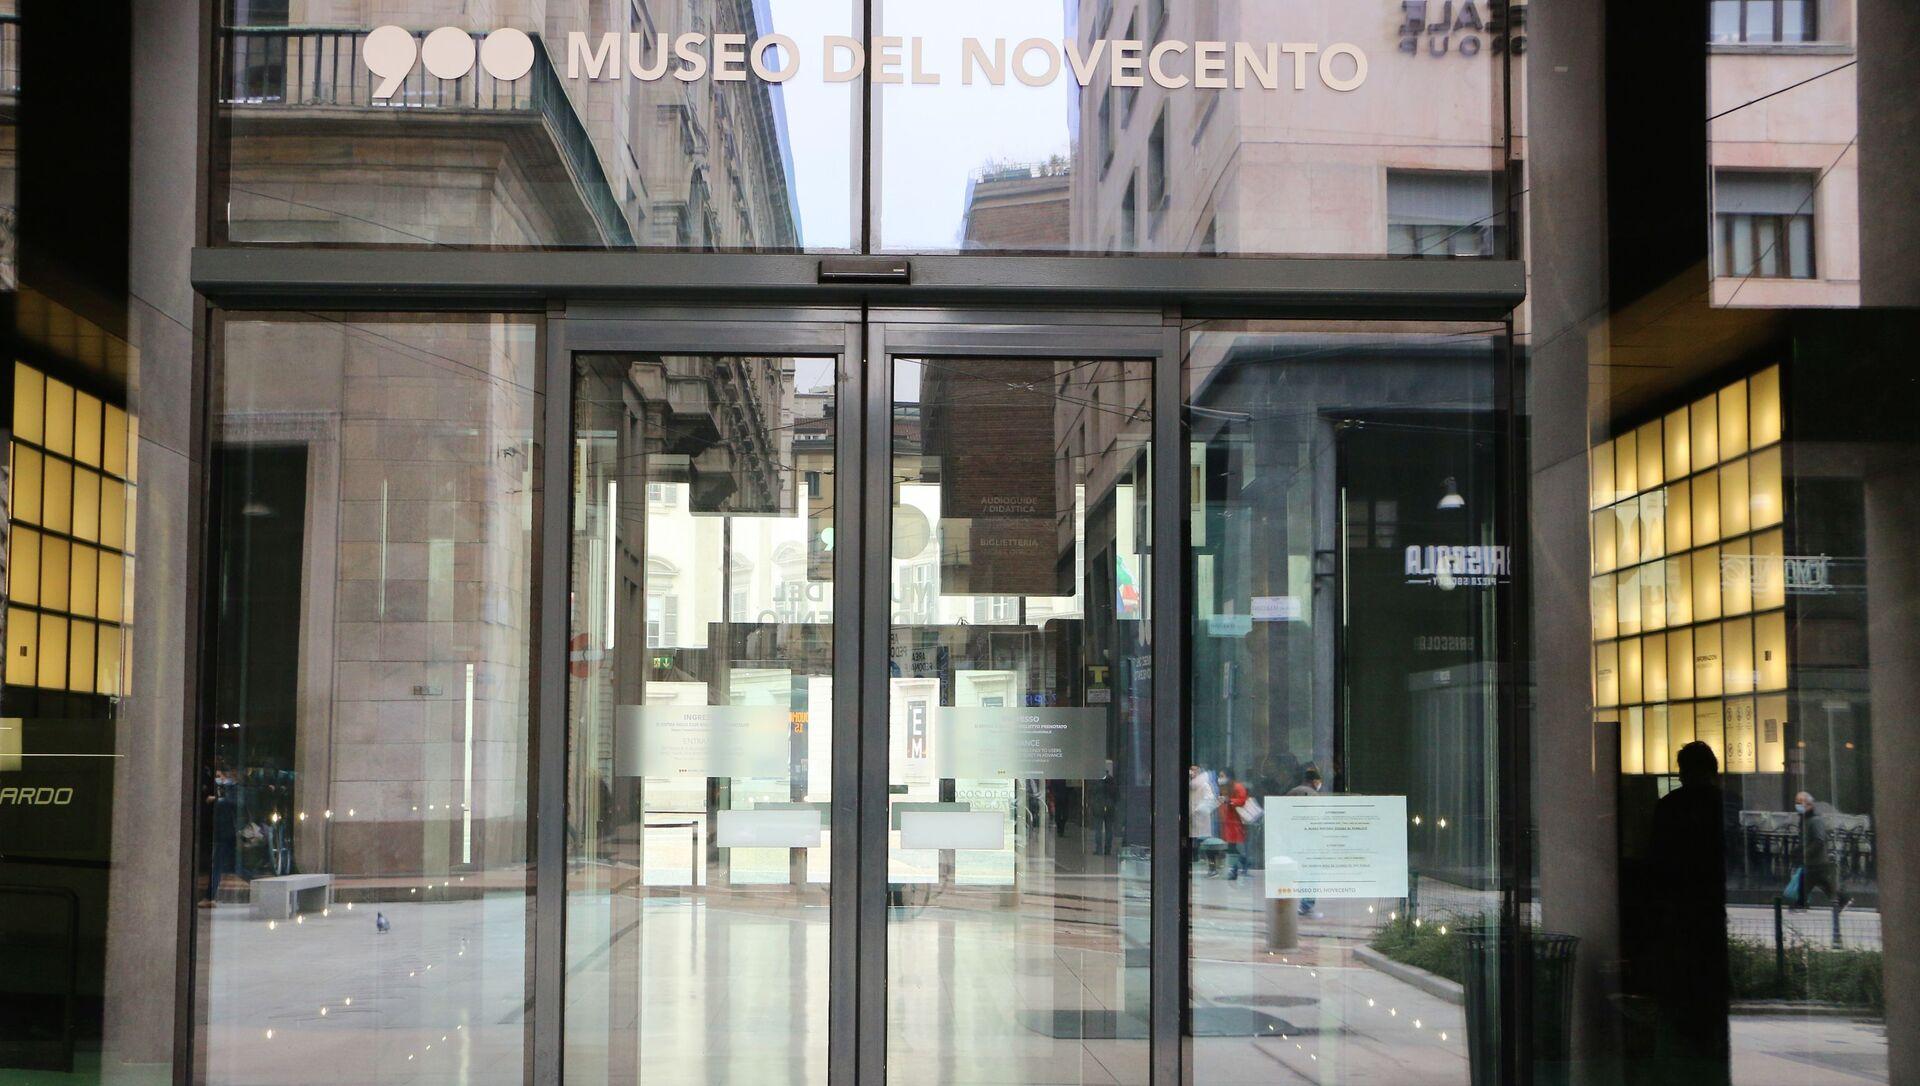 Zona gialla, musei chiusi - Sputnik Italia, 1920, 03.02.2021